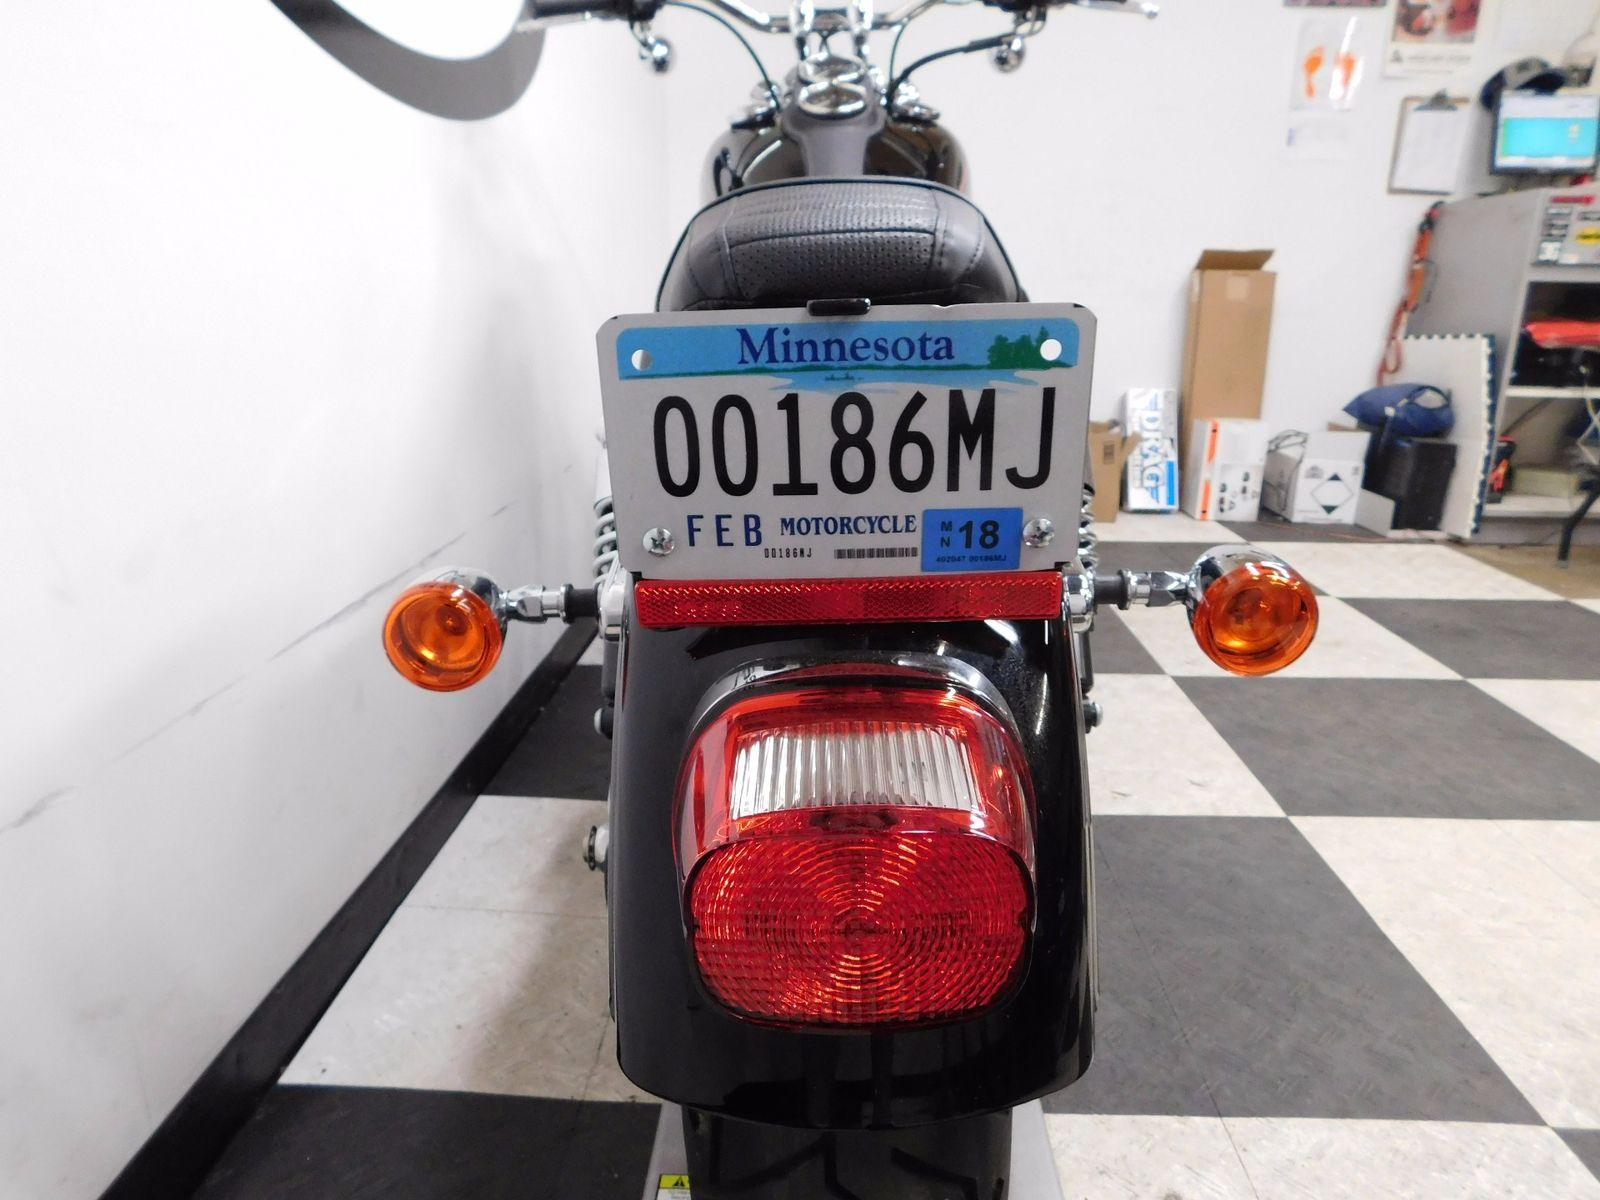 2016 Harley Davidson Low Rider FXDL Eden Prairie Minnesota 55344